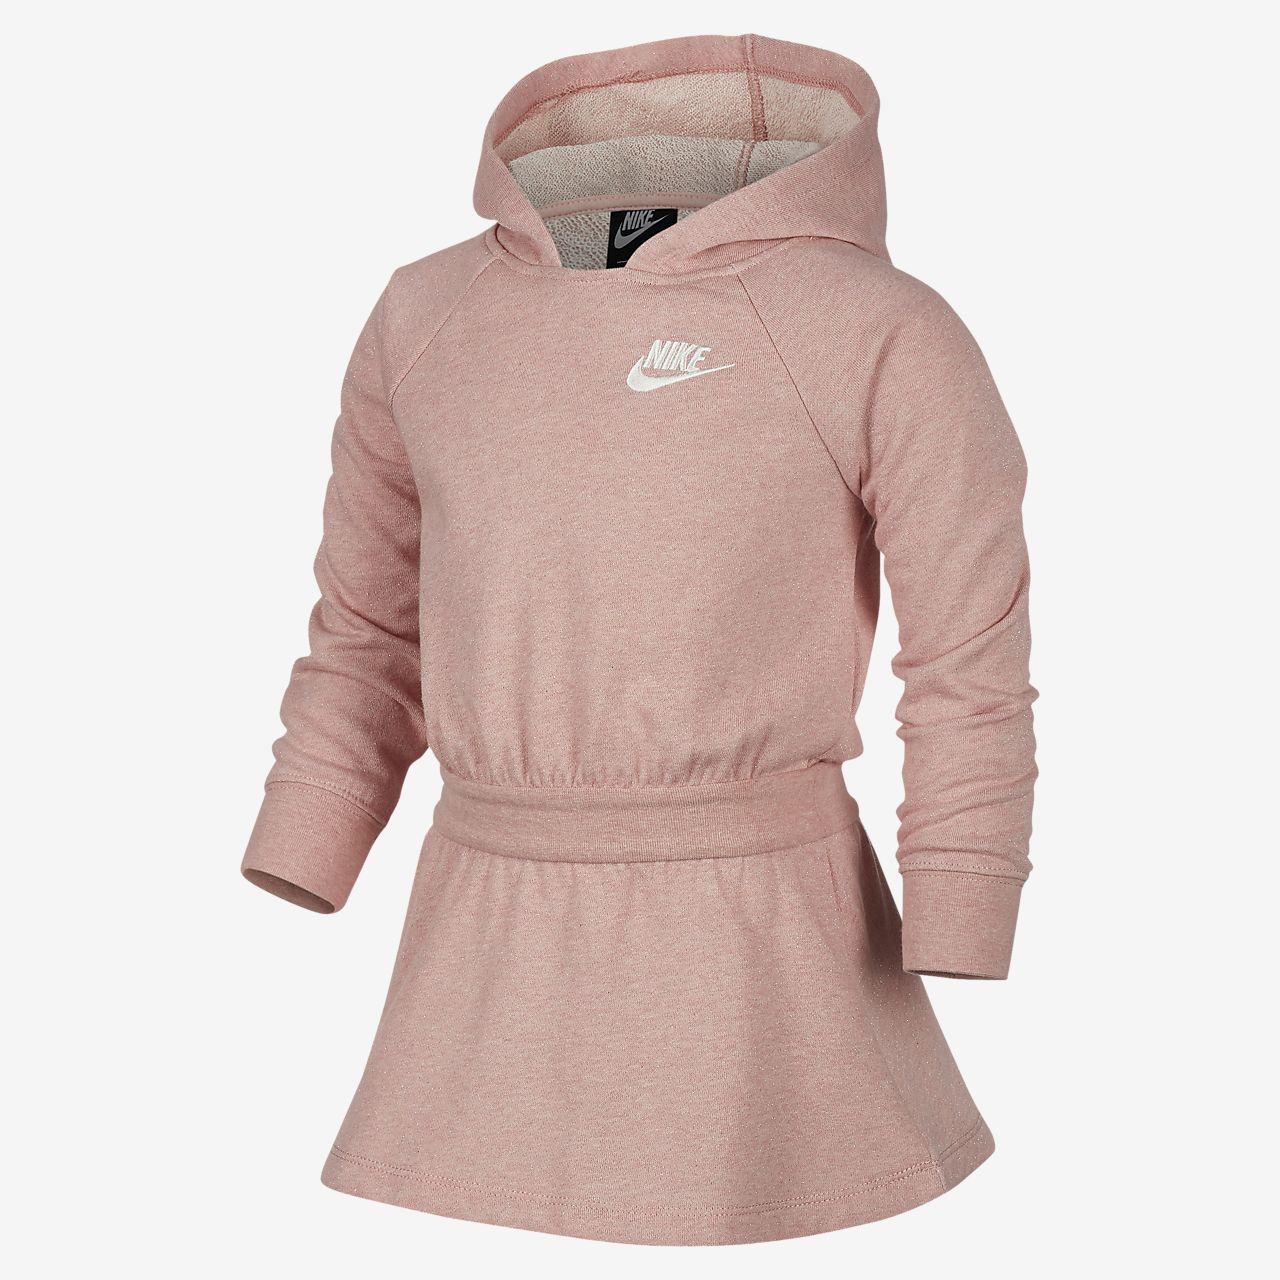 Robe à capuche et manches longues Nike Sportswear pour Jeune enfant